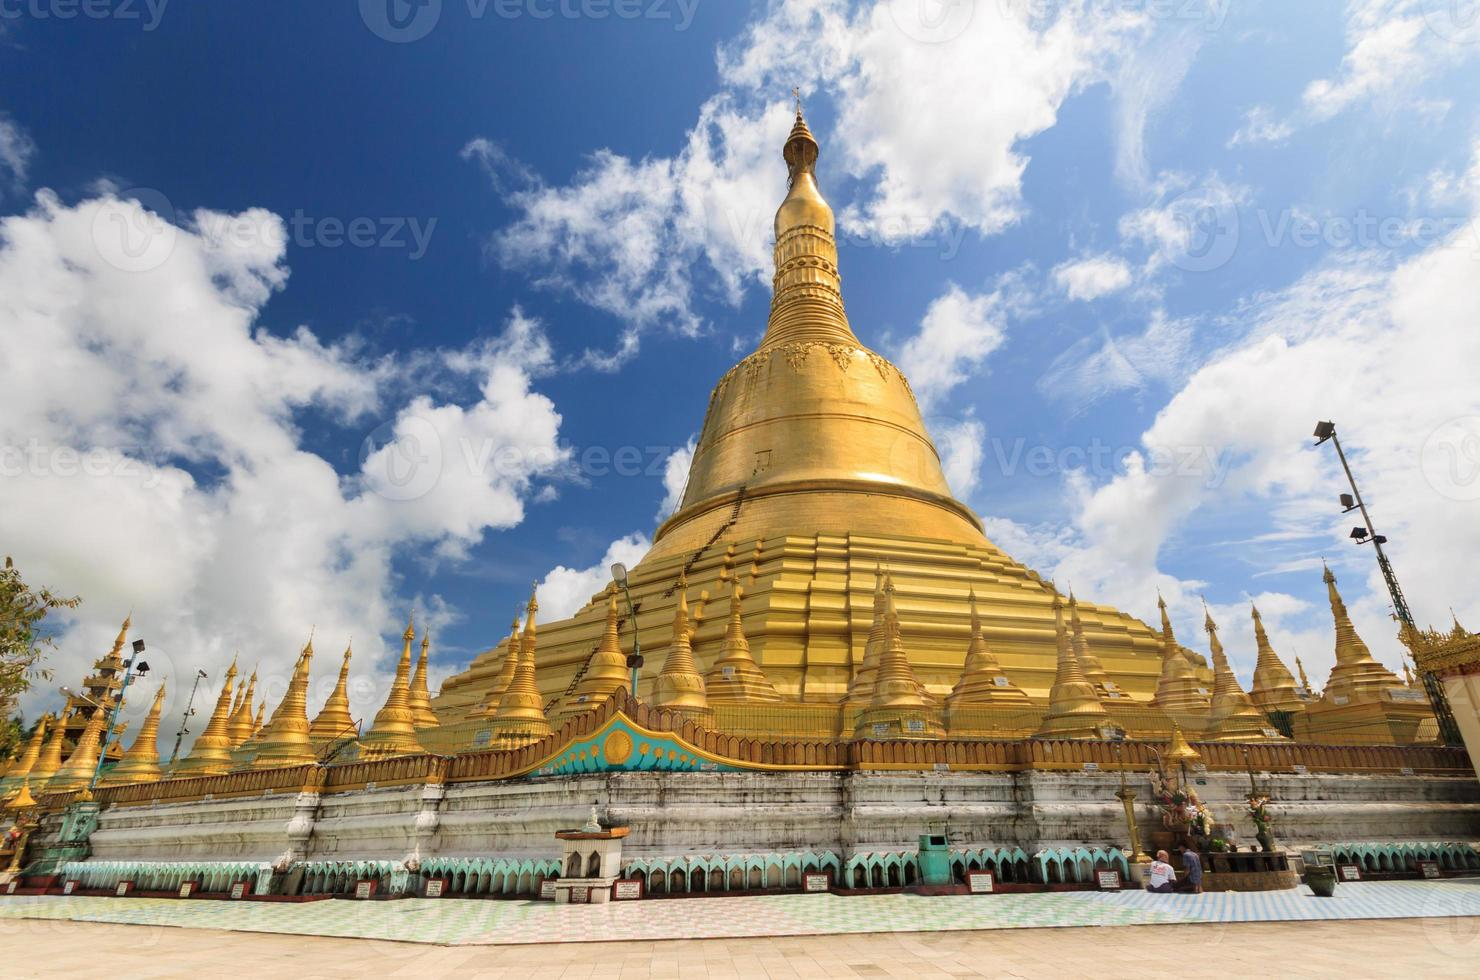 shwemawdaw padoda, myanmar photo